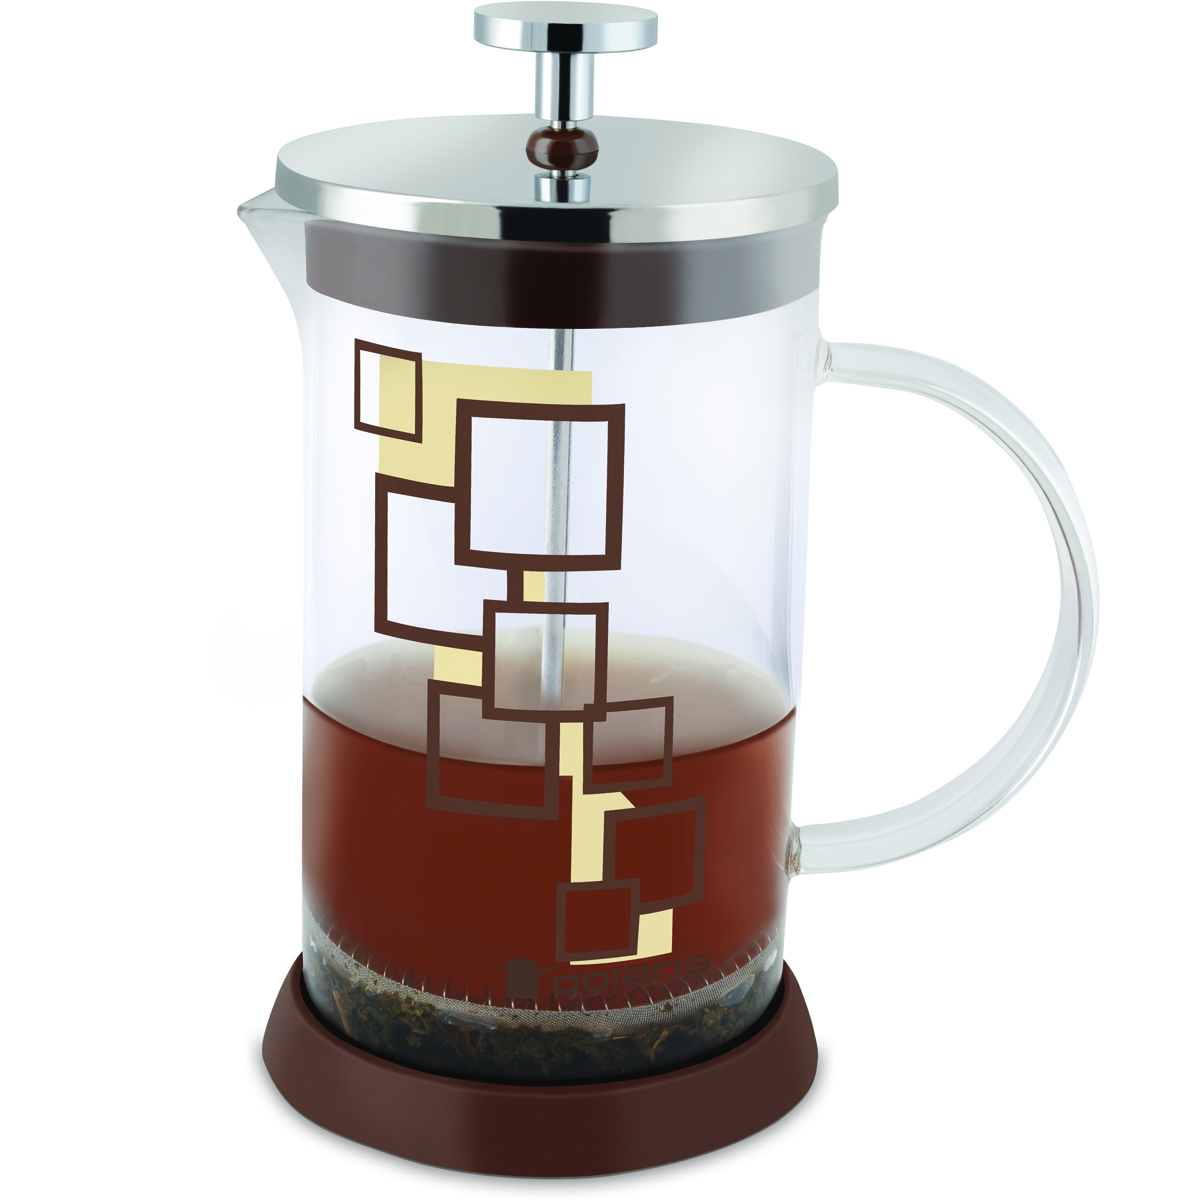 Френч-пресс Polaris Pixel-800FP, 800 млVT-1520(SR)Эксклюзивный дизайн. Френч-пресс Polaris Pixel подходит для заваривания кофе и чая.Колба изготовлена из жаропрочного стекла. Эргономичный поршень с фильтром выполнен из нержавеющей стали 18/10. Подставка из высококачественного силикона для удобства использования.